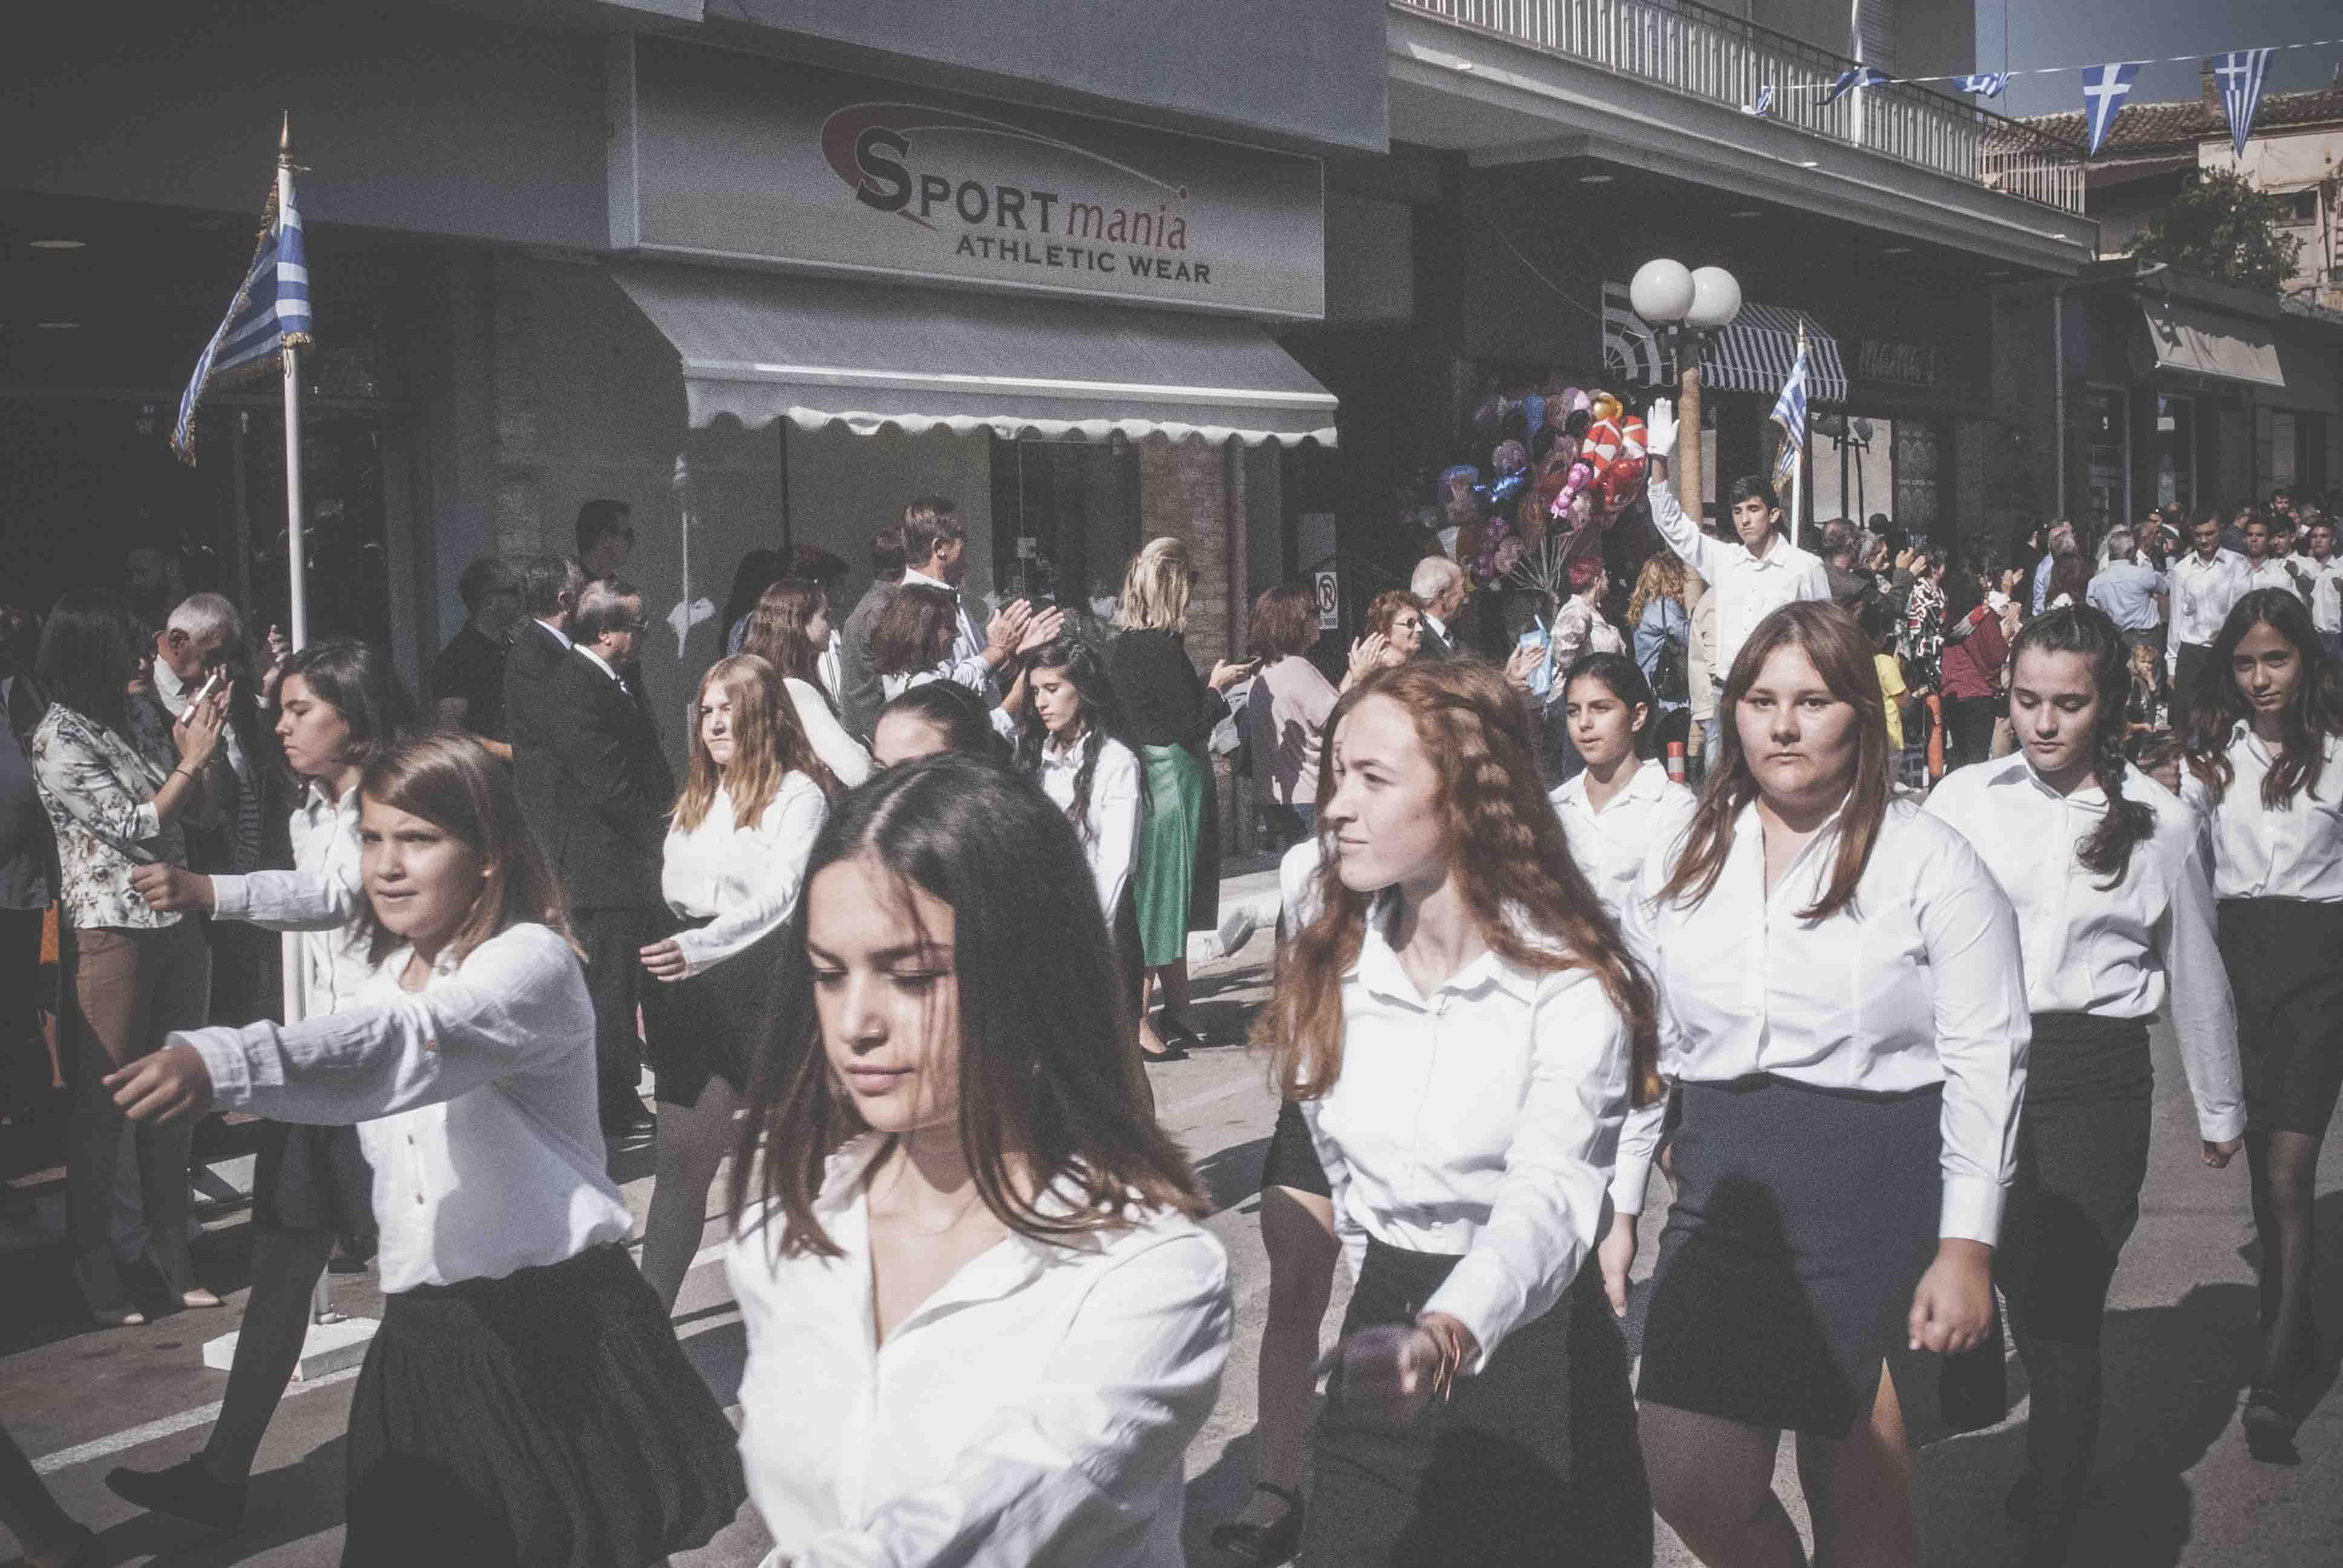 Φωτογραφικό υλικό από την παρέλαση στα Ψαχνά DSC 0398  Η παρέλαση της 28ης Οκτωβρίου σε Καστέλλα και Ψαχνά (φωτό) DSC 0398